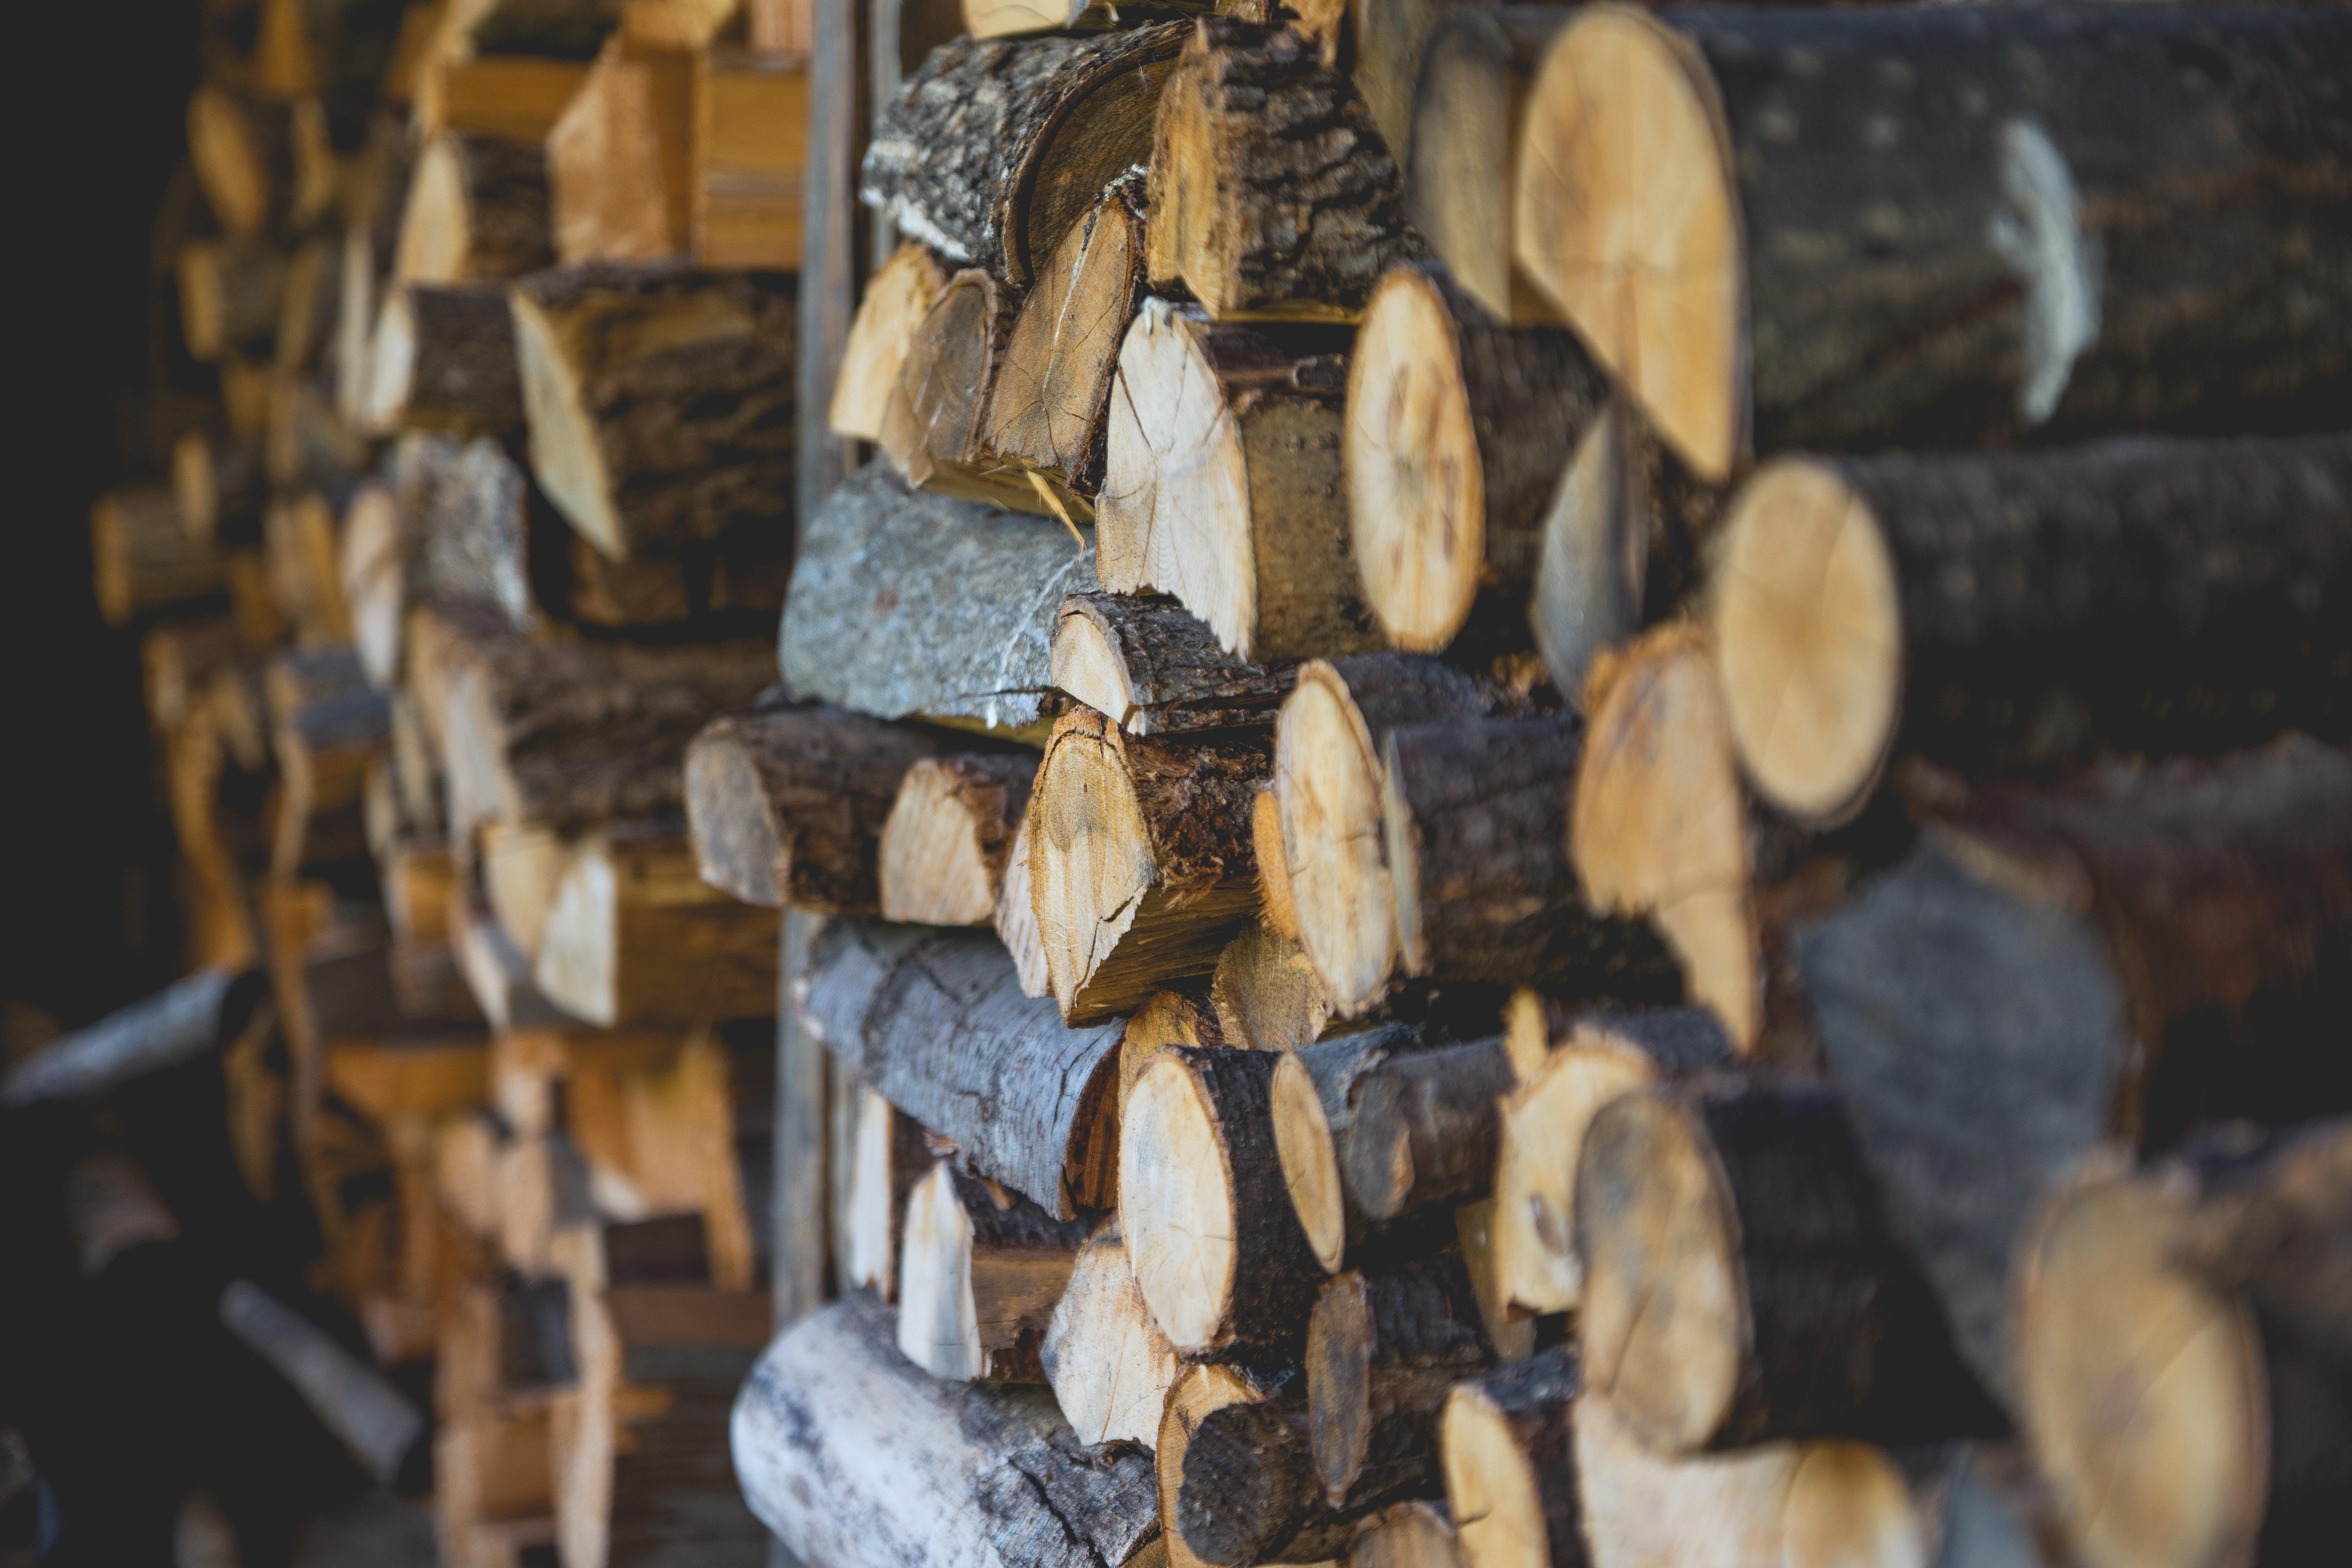 Tas de rondins de bois utilisés pour de la construction